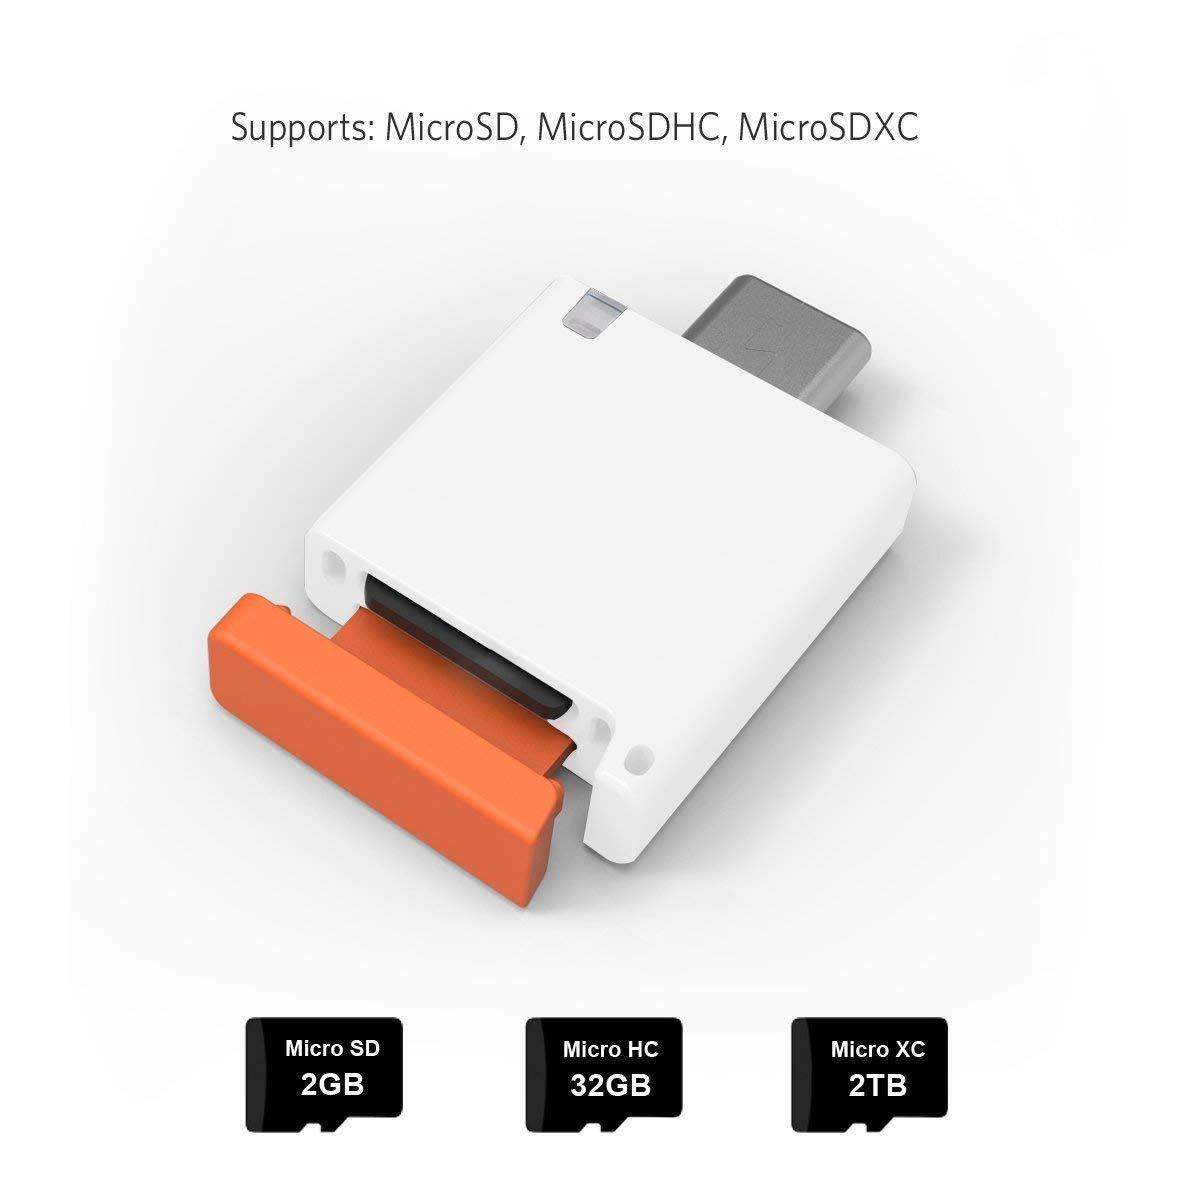 COOSA Lector de tarjetas USB Tipo-C 3.0 con Micro SD de alta velocidad (blanco) para Google Pixel 2 XL